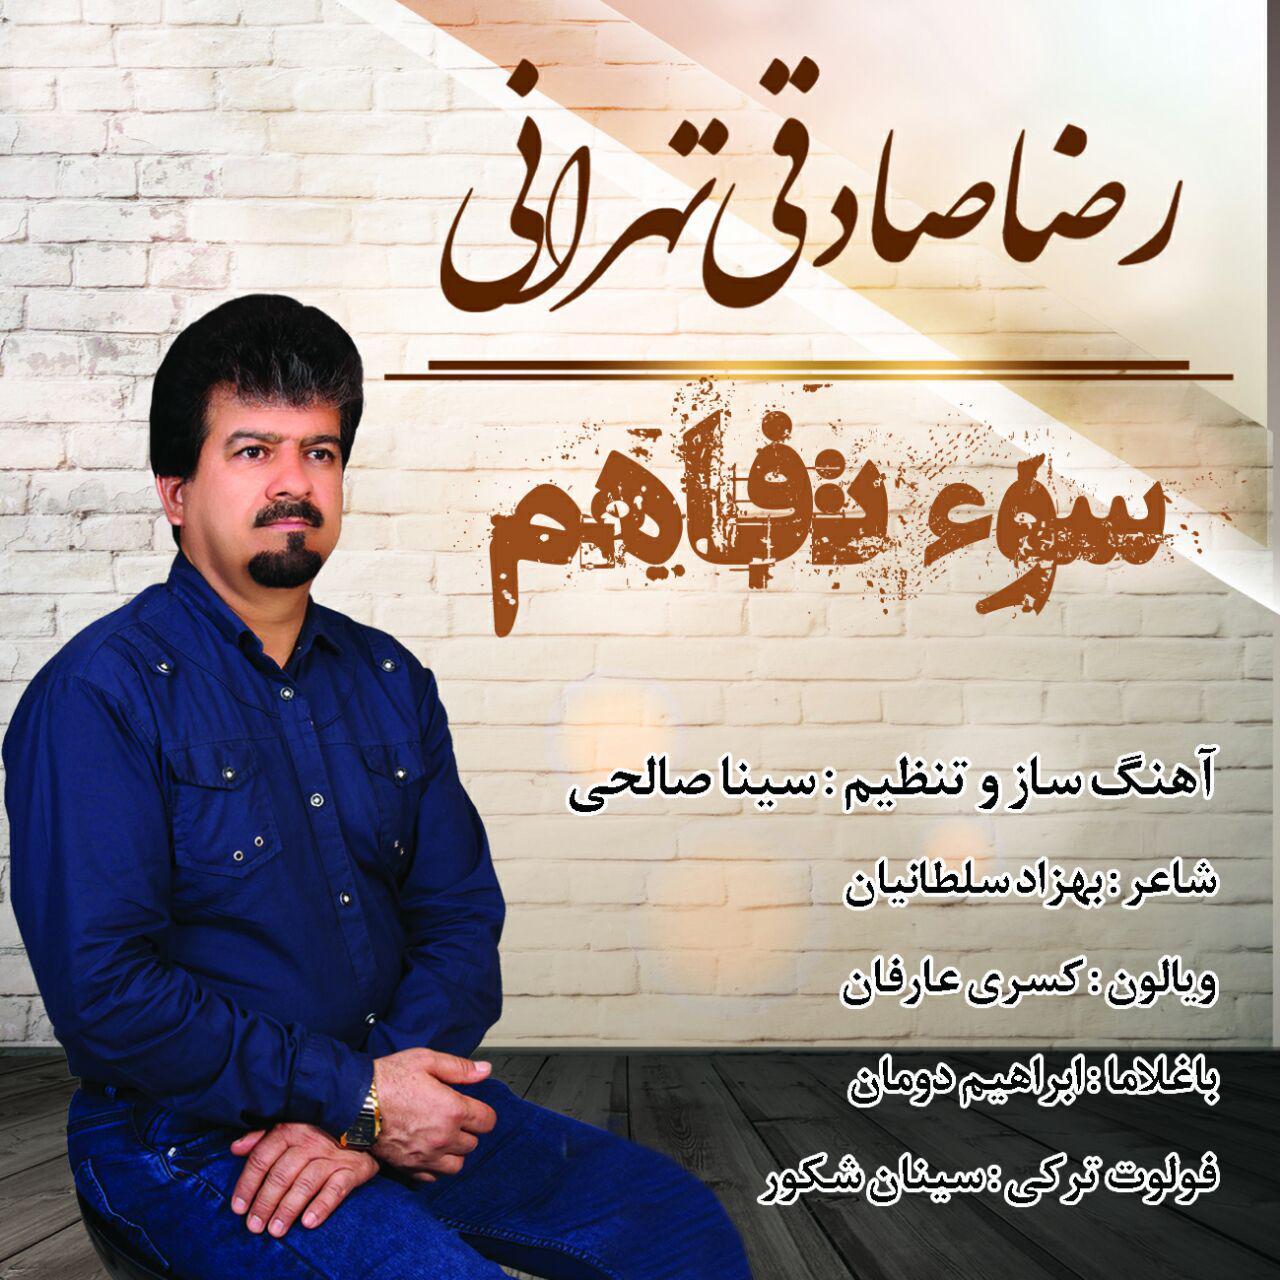 رضا صادقی تهرانی به نام سوء تفاهم